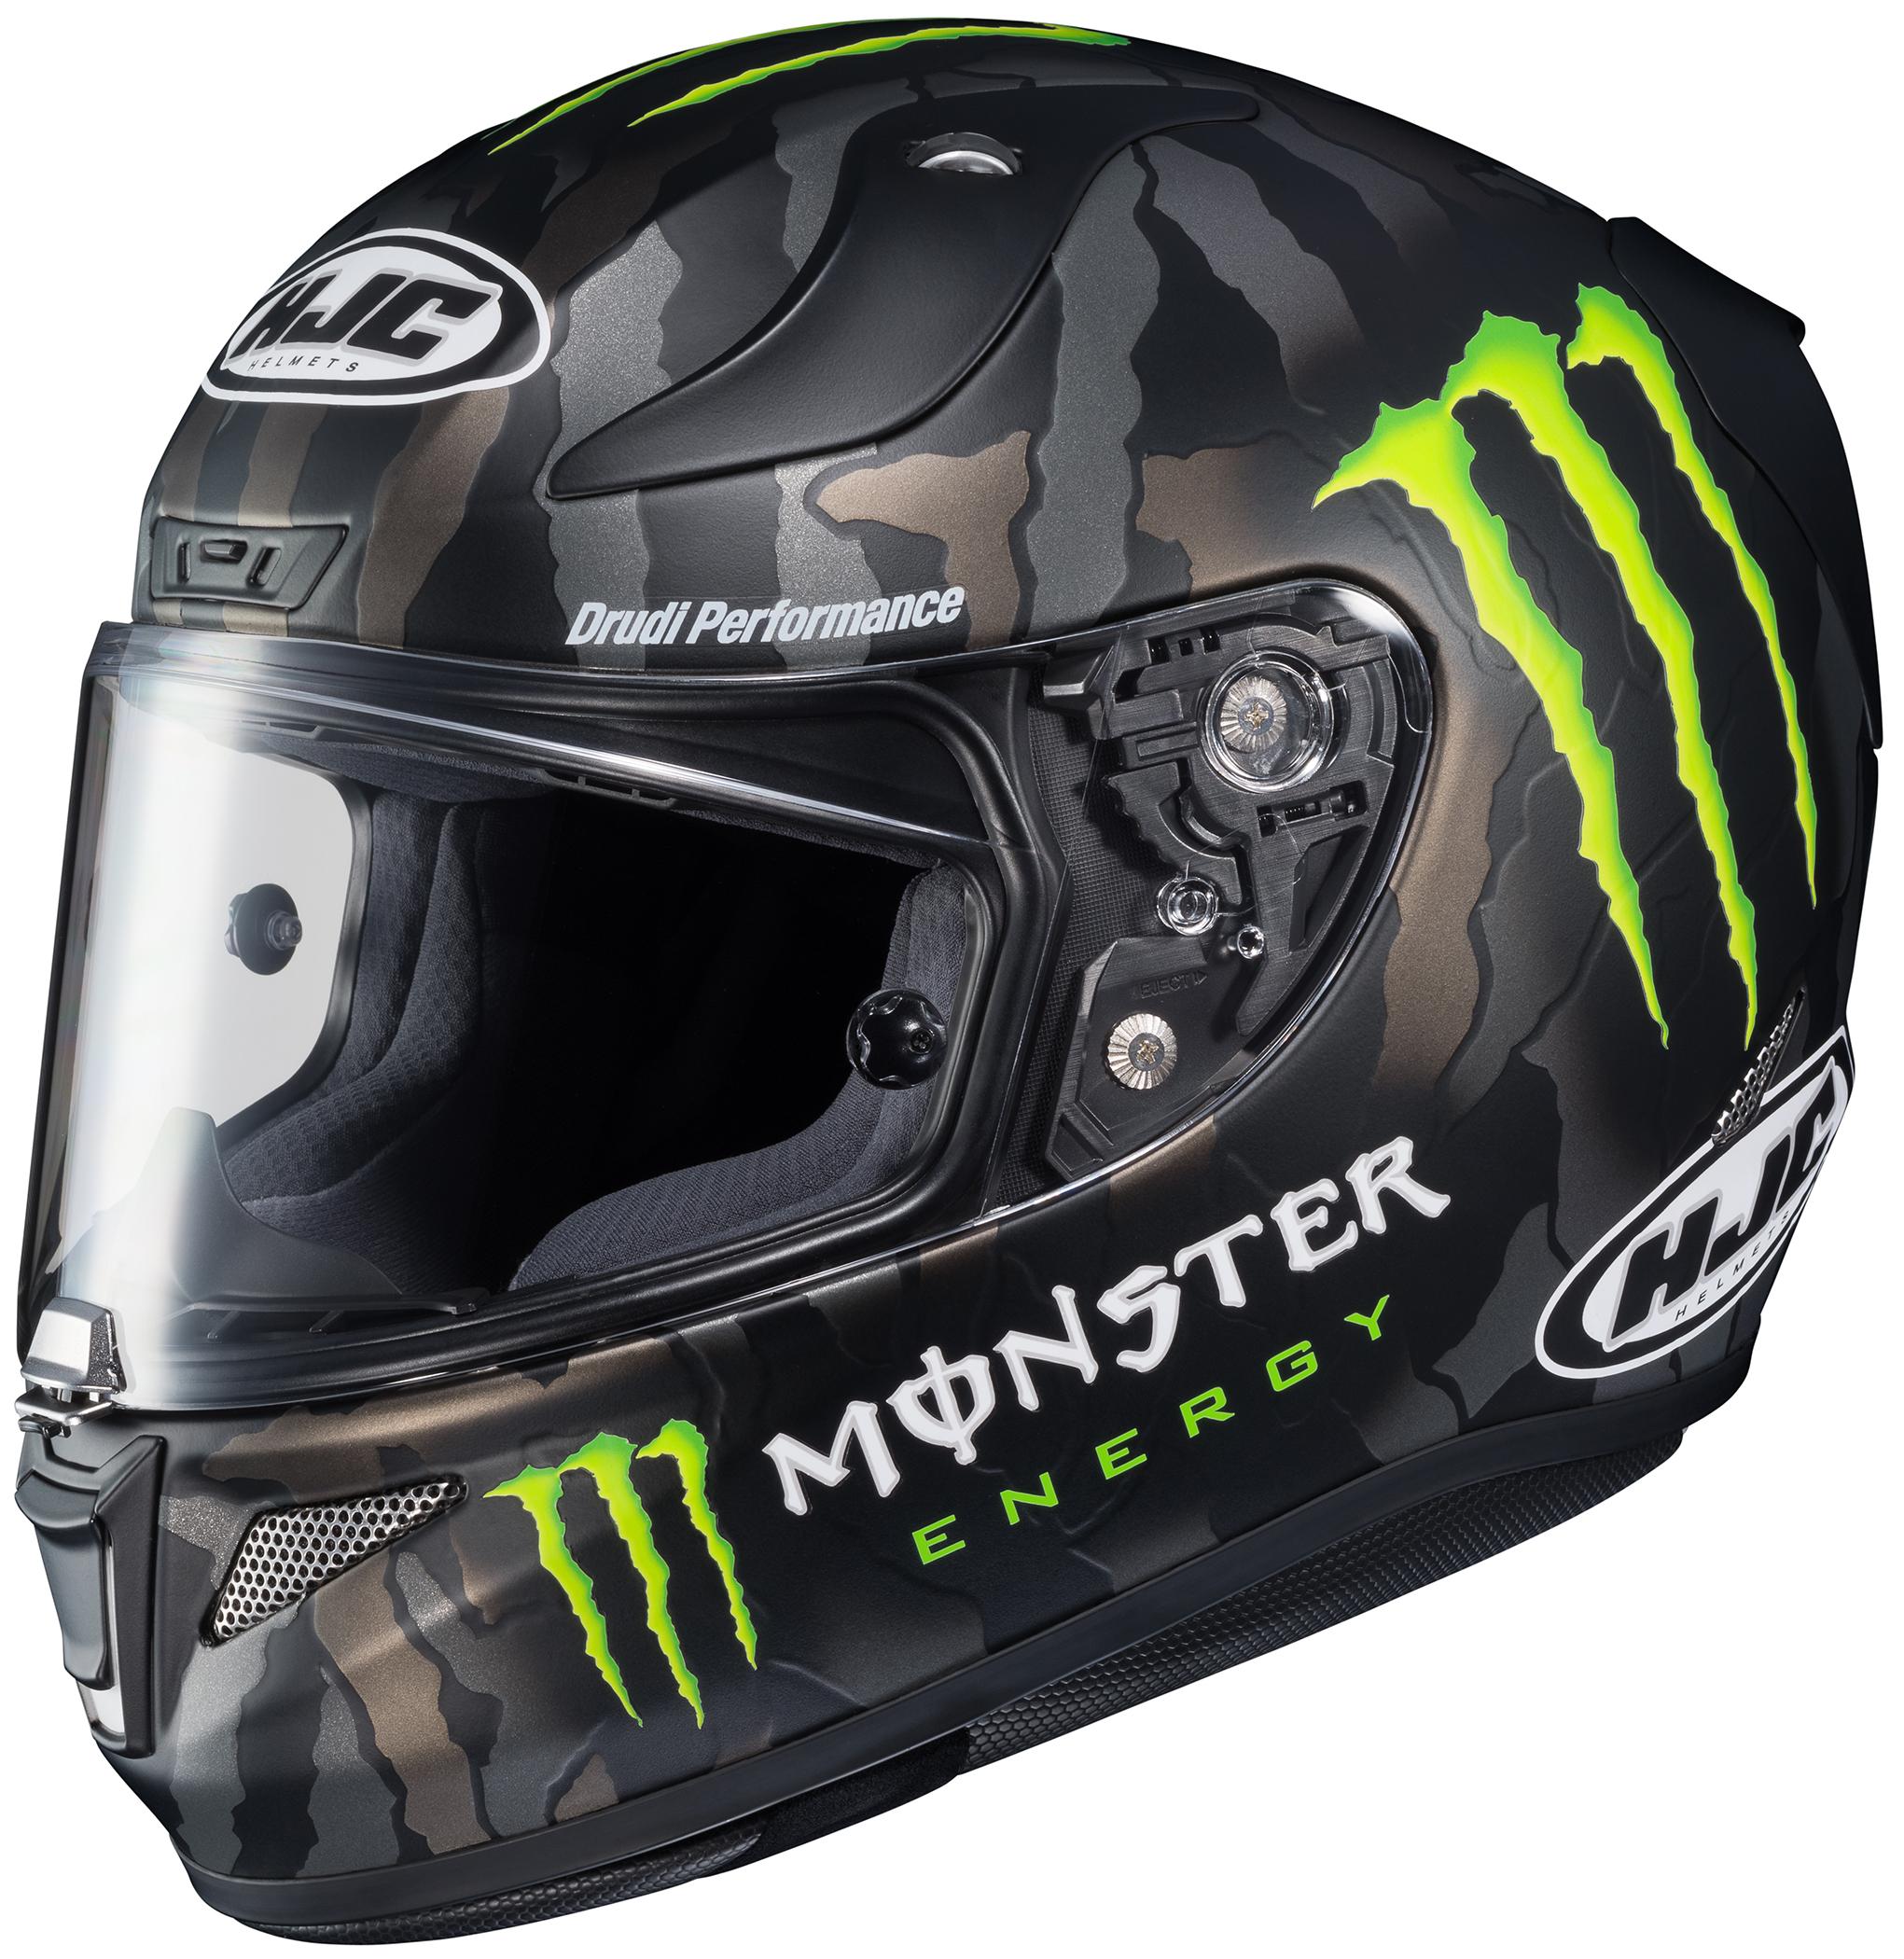 RPHA 11 Pro Monster Helmet